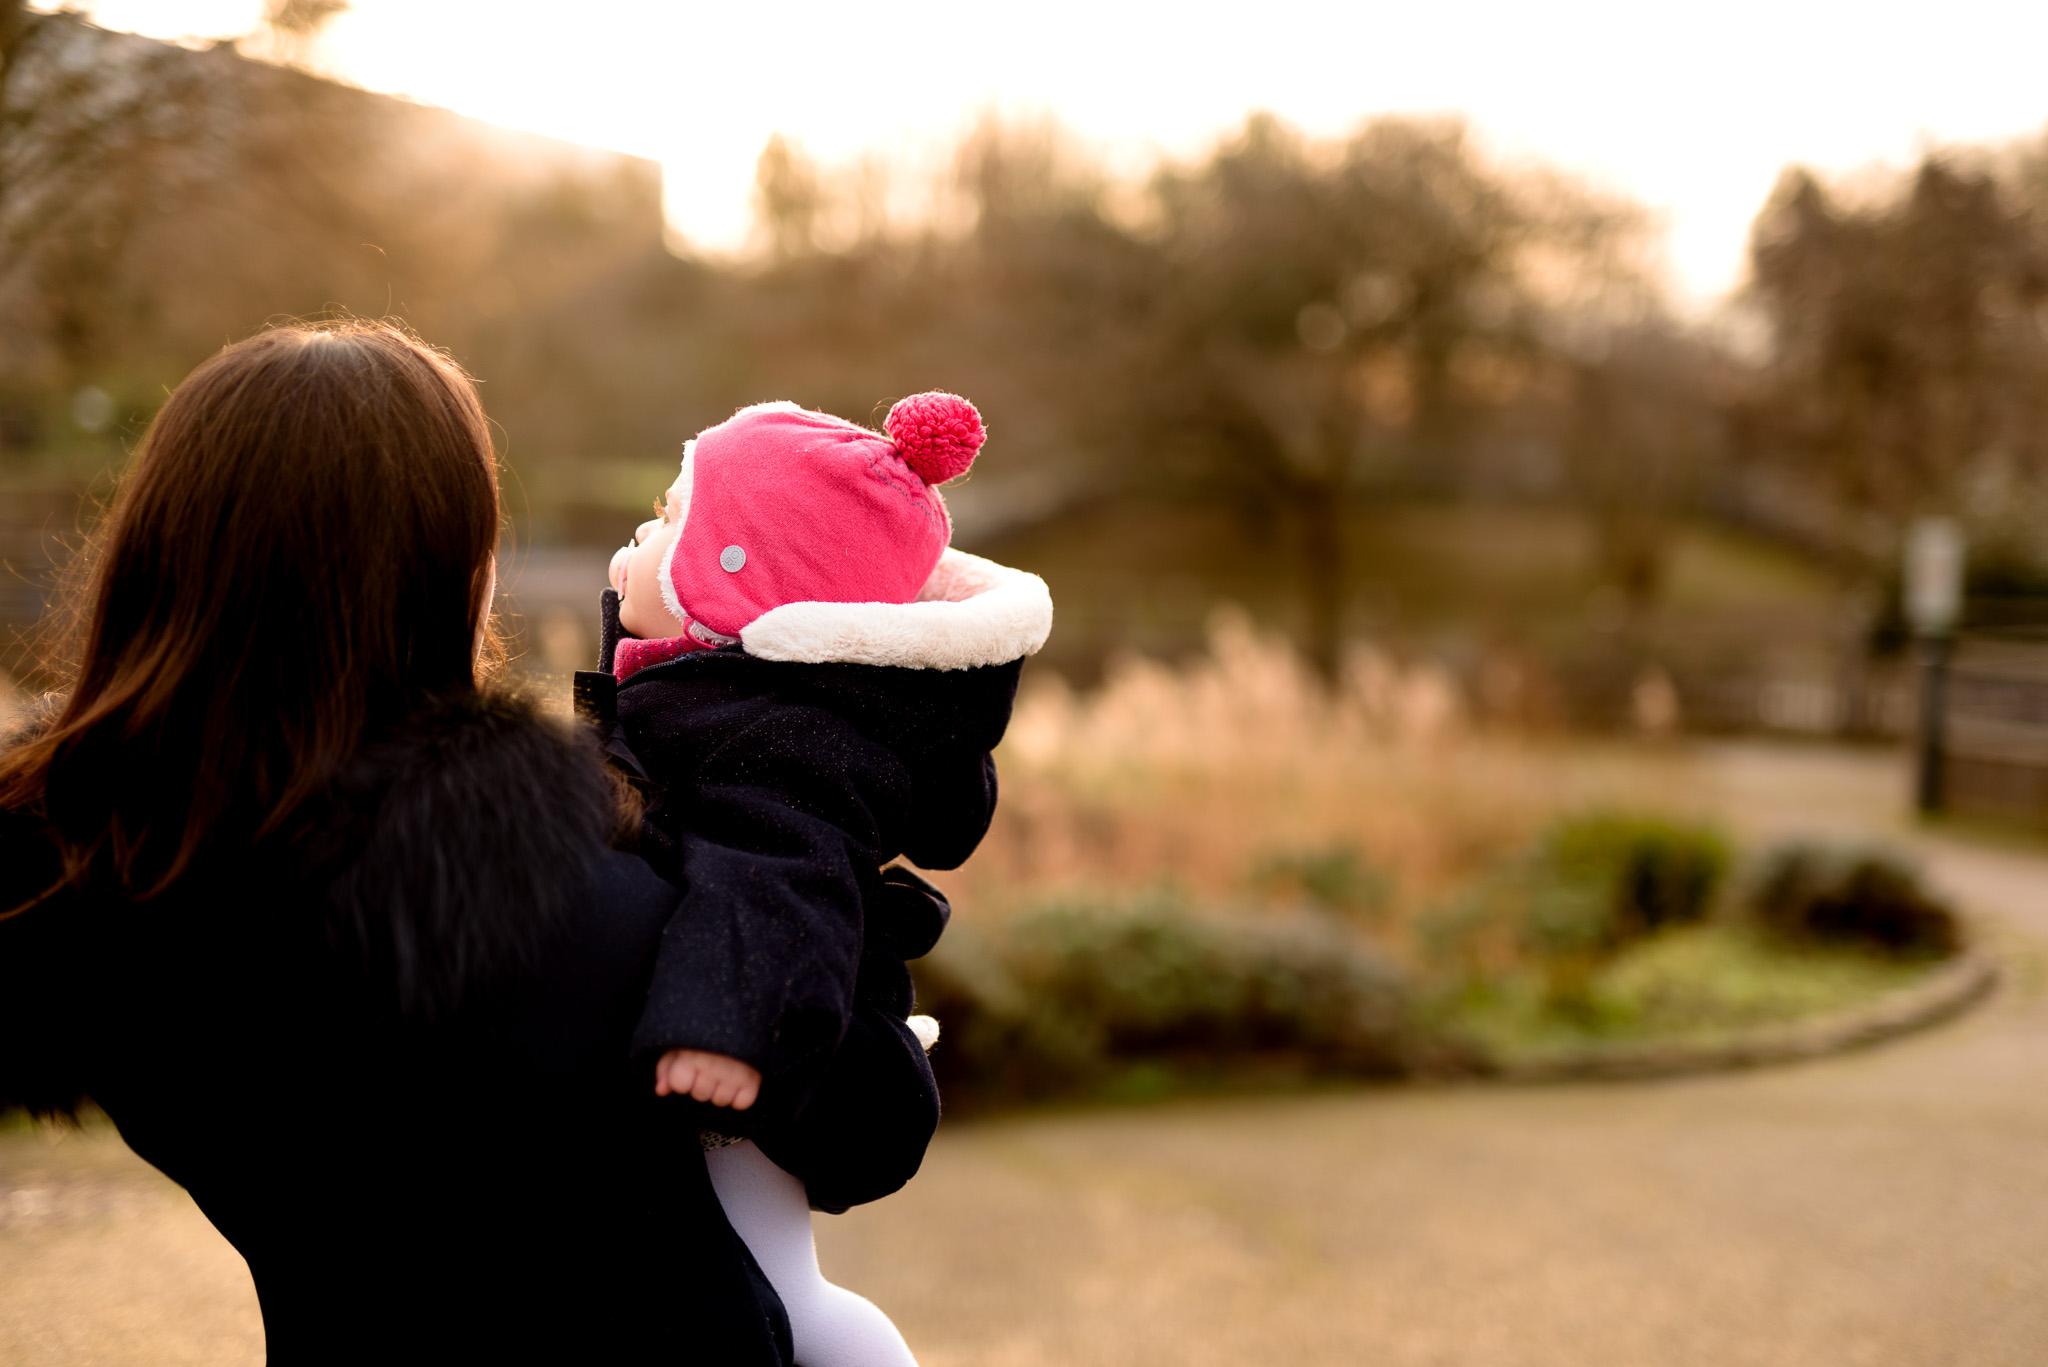 photographe yvelines maman enfant séance bébé famille reportage Sandrine Siryani Paris chatou hauts-de-seine